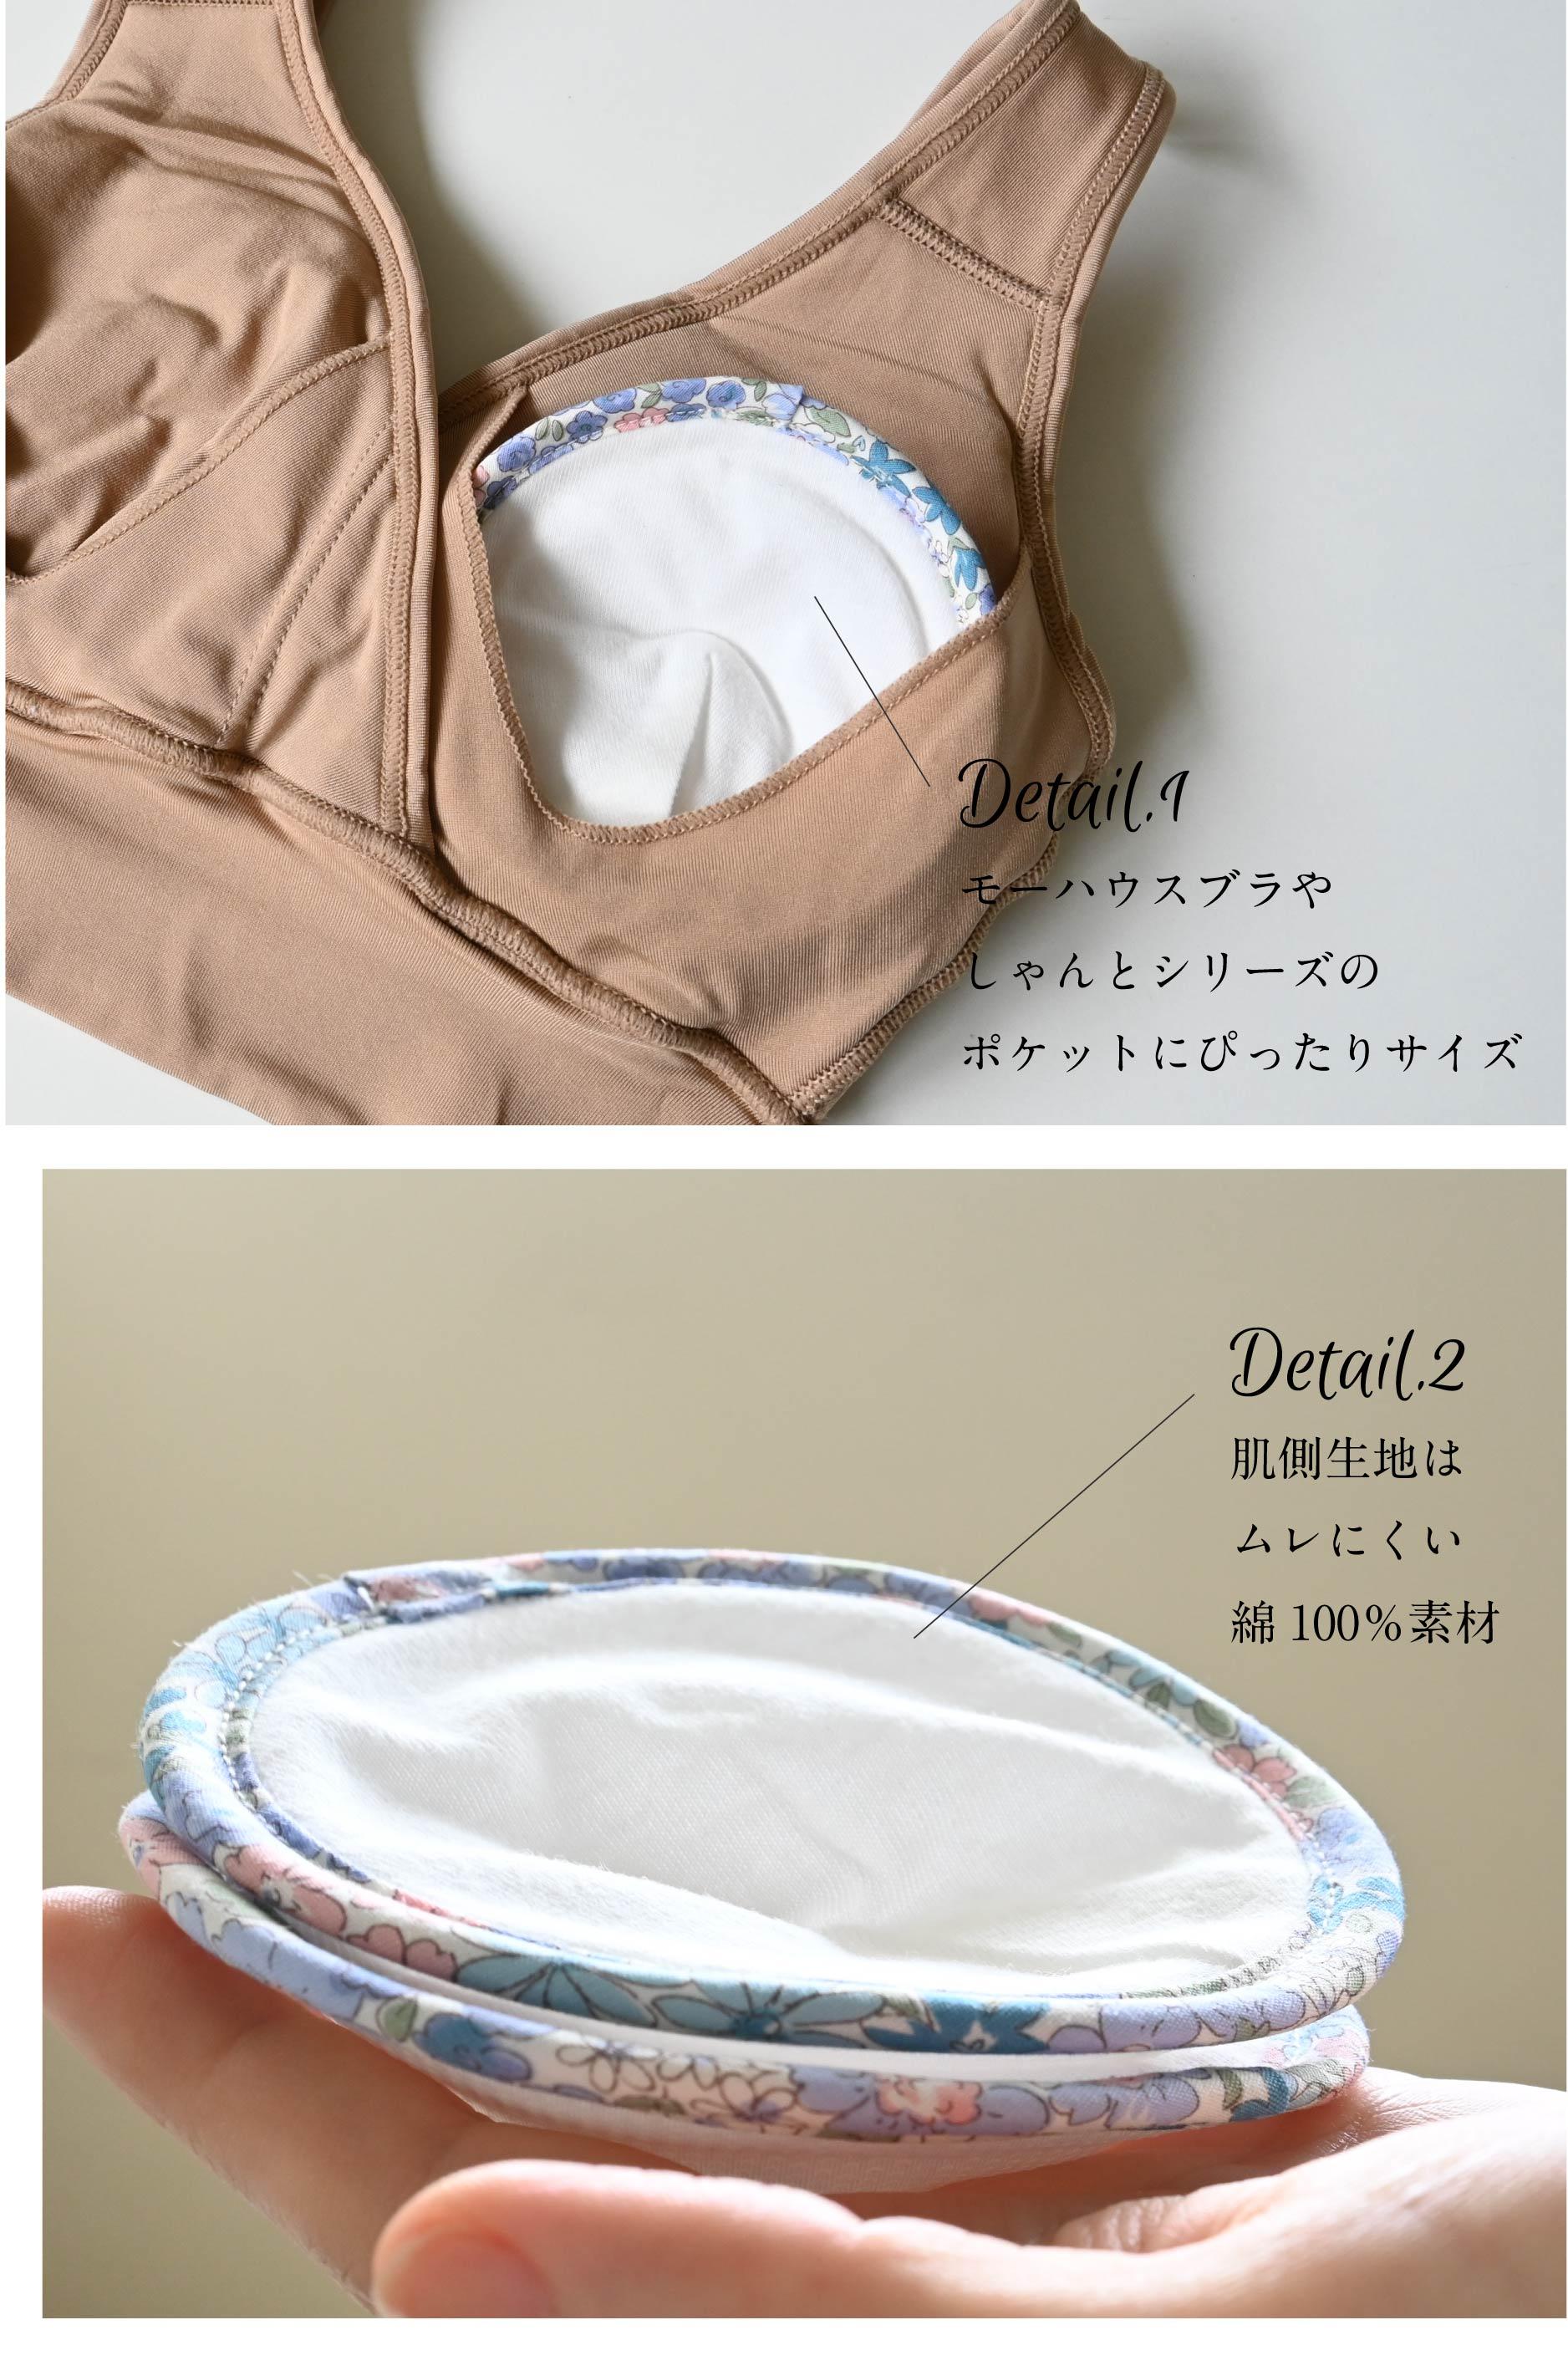 モーハウスオリジナル日本製の母乳パッド